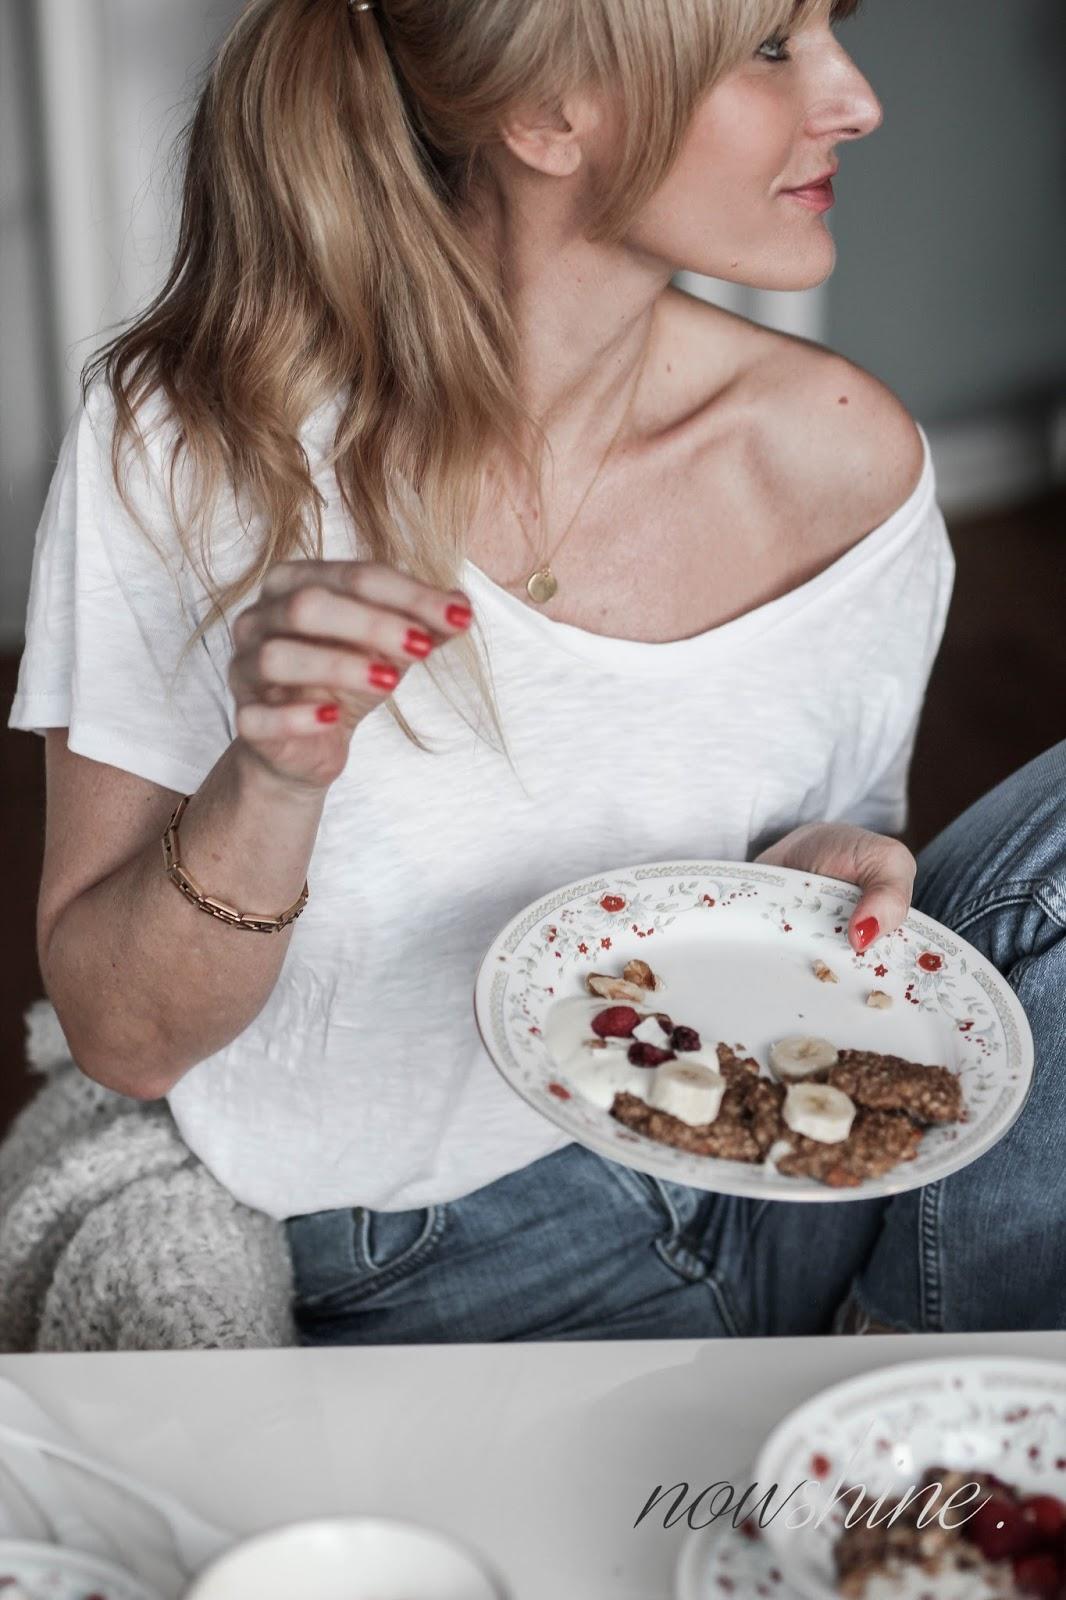 Frühstücksrezept Bananen Cookies aus dem Alpo Breakfast Club Booklet/ Nowshine Lifestyle Food Blog über 40